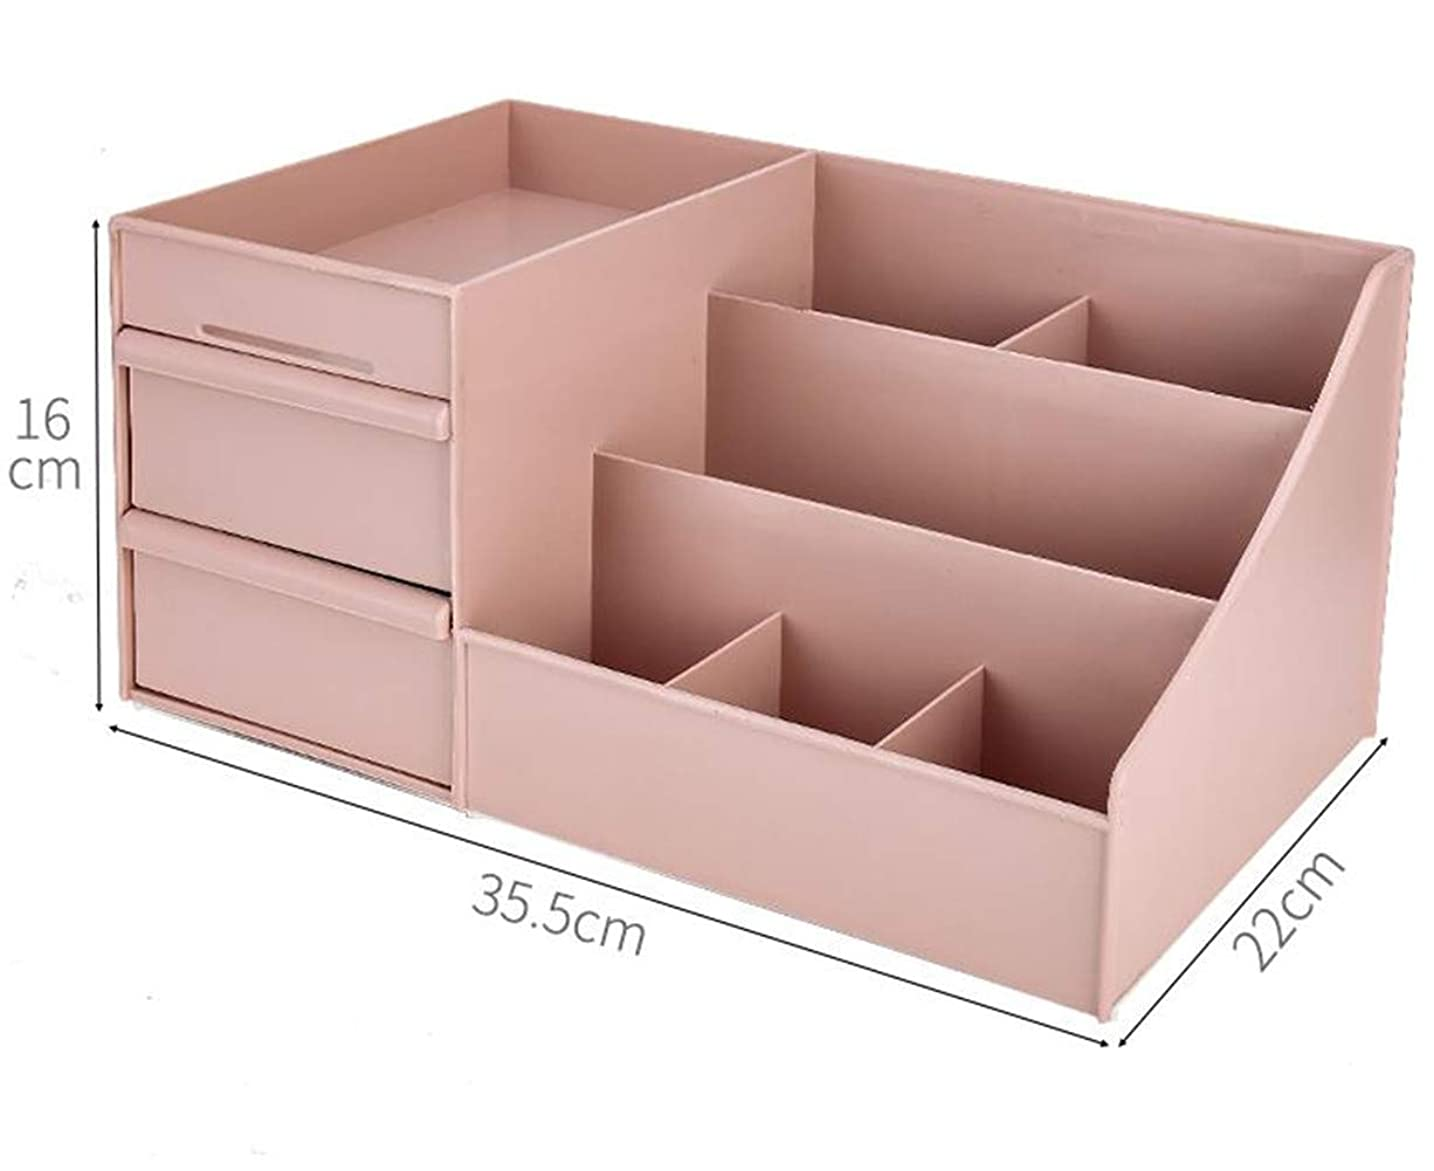 湿地ブラウス先入観[ベィジャン] 化粧品収納ボックス メイクボックス メイクケース コスメボックス 小物入れ 化粧品入れ 卓上収納 シンプル コスメ収納 大容量 アクセサリーボックス おしゃれ ピンク